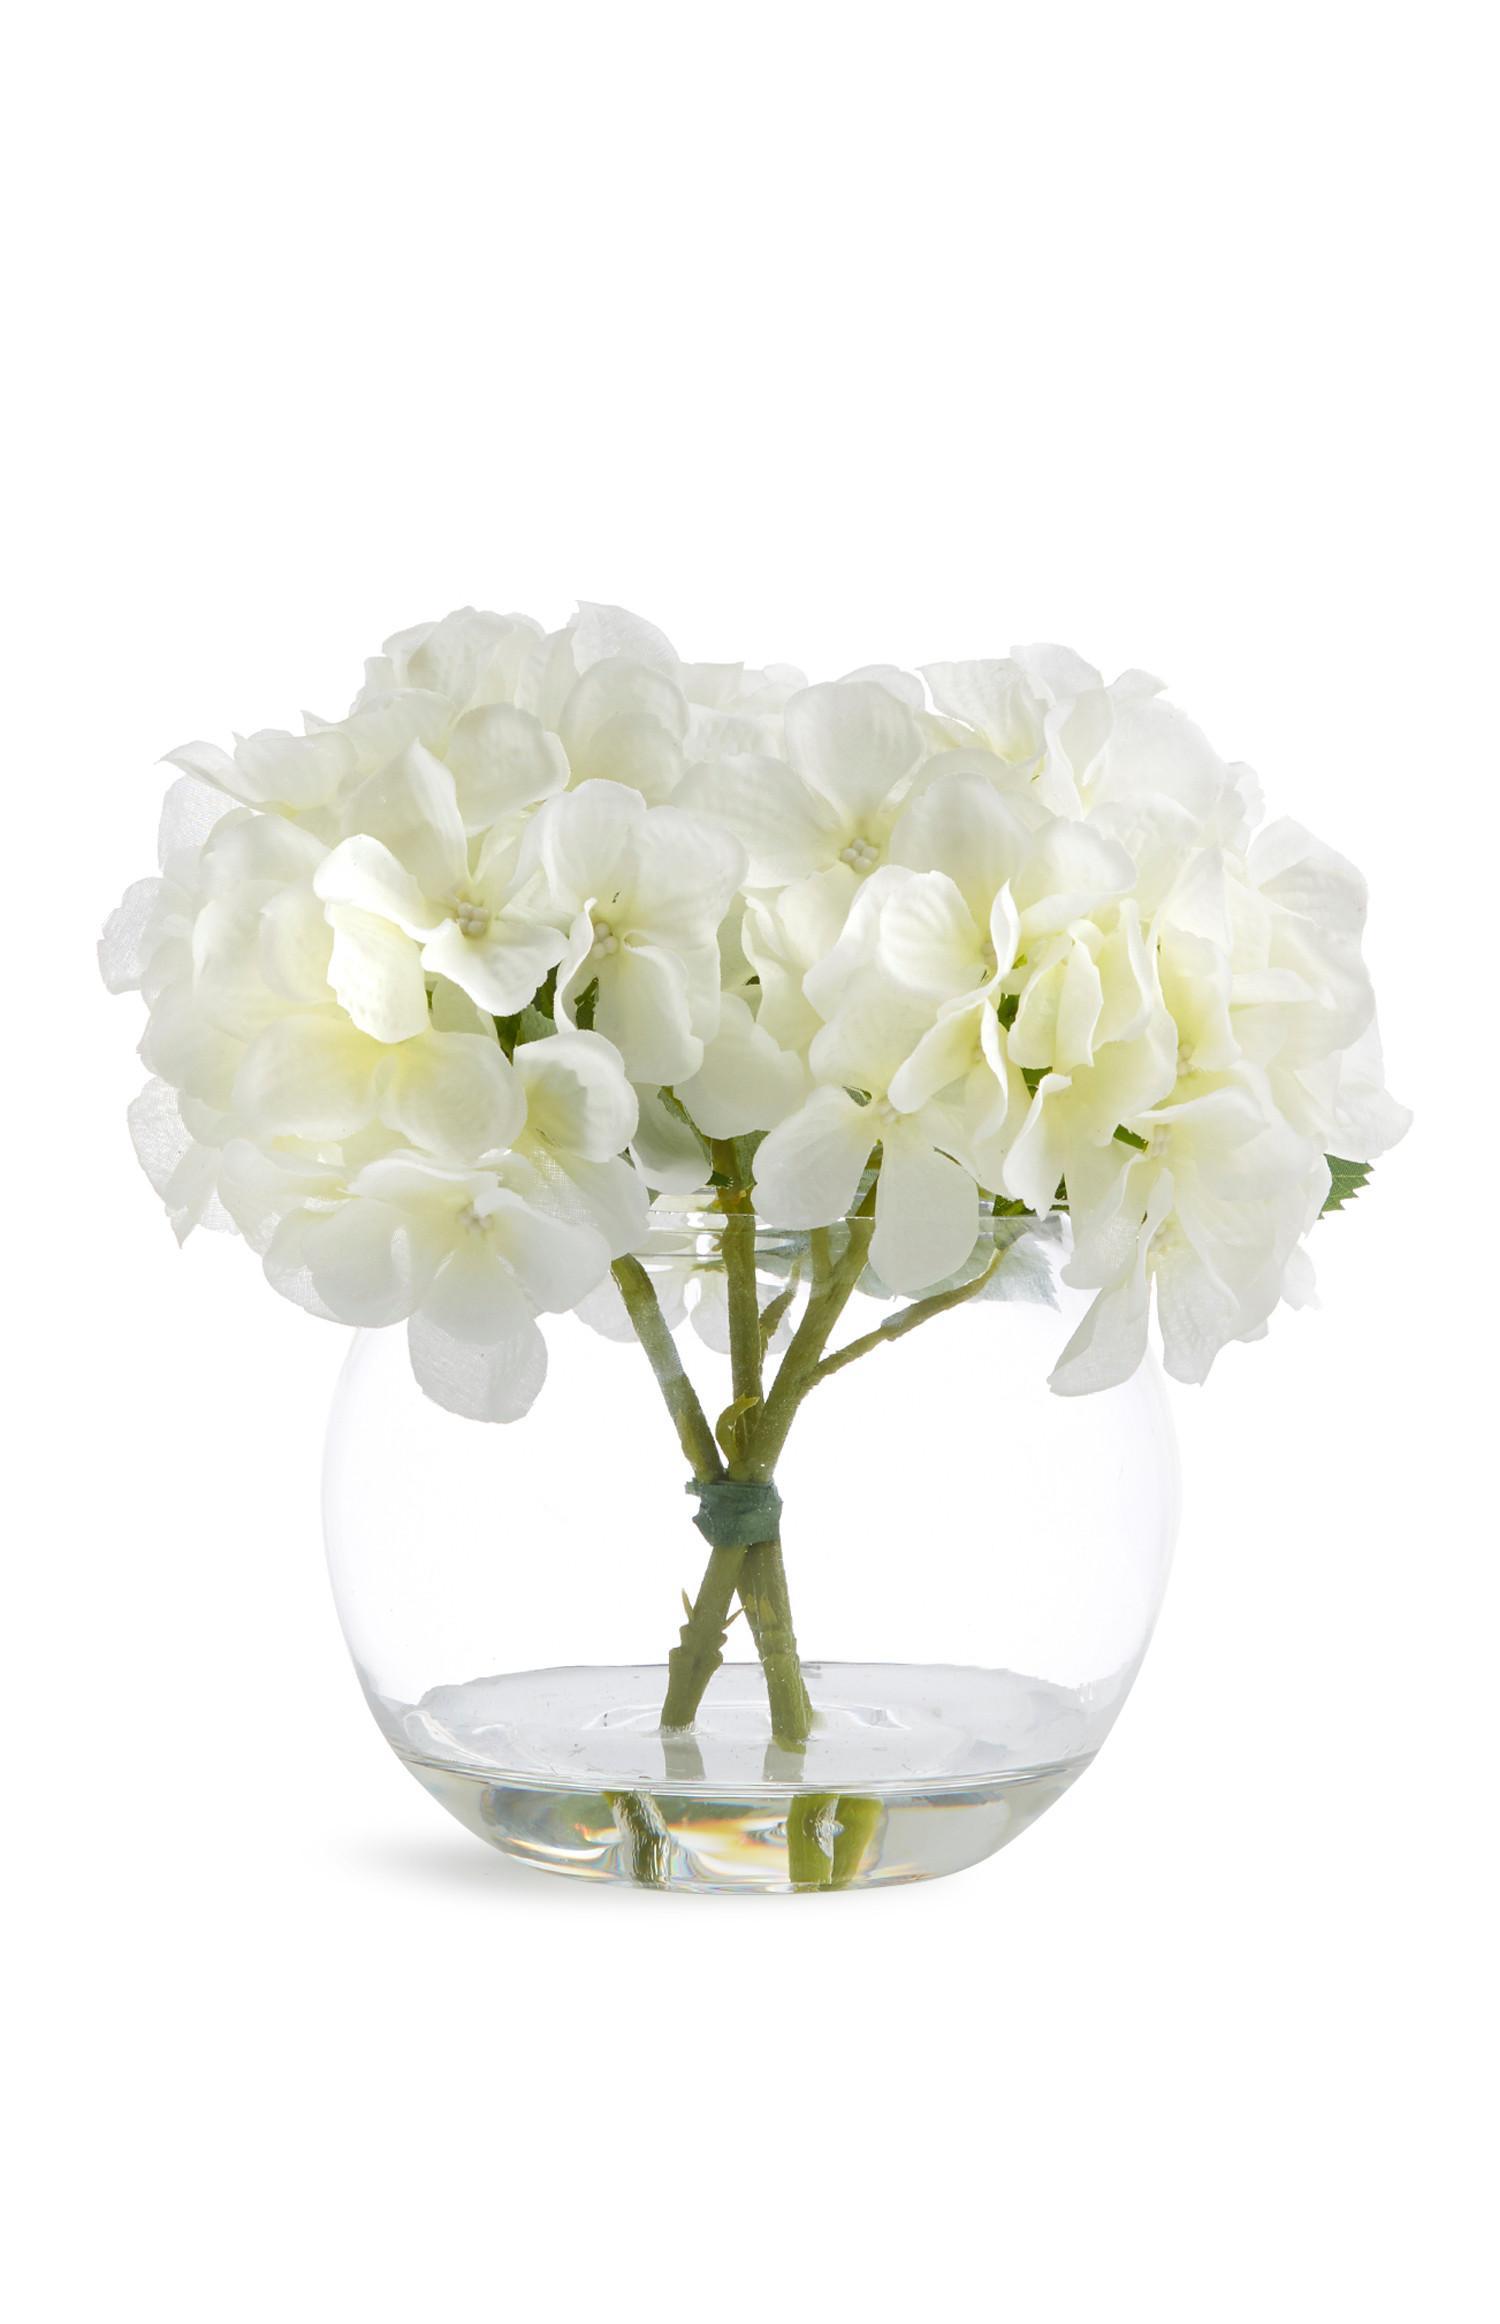 Bol de vidrio con flores artificiales